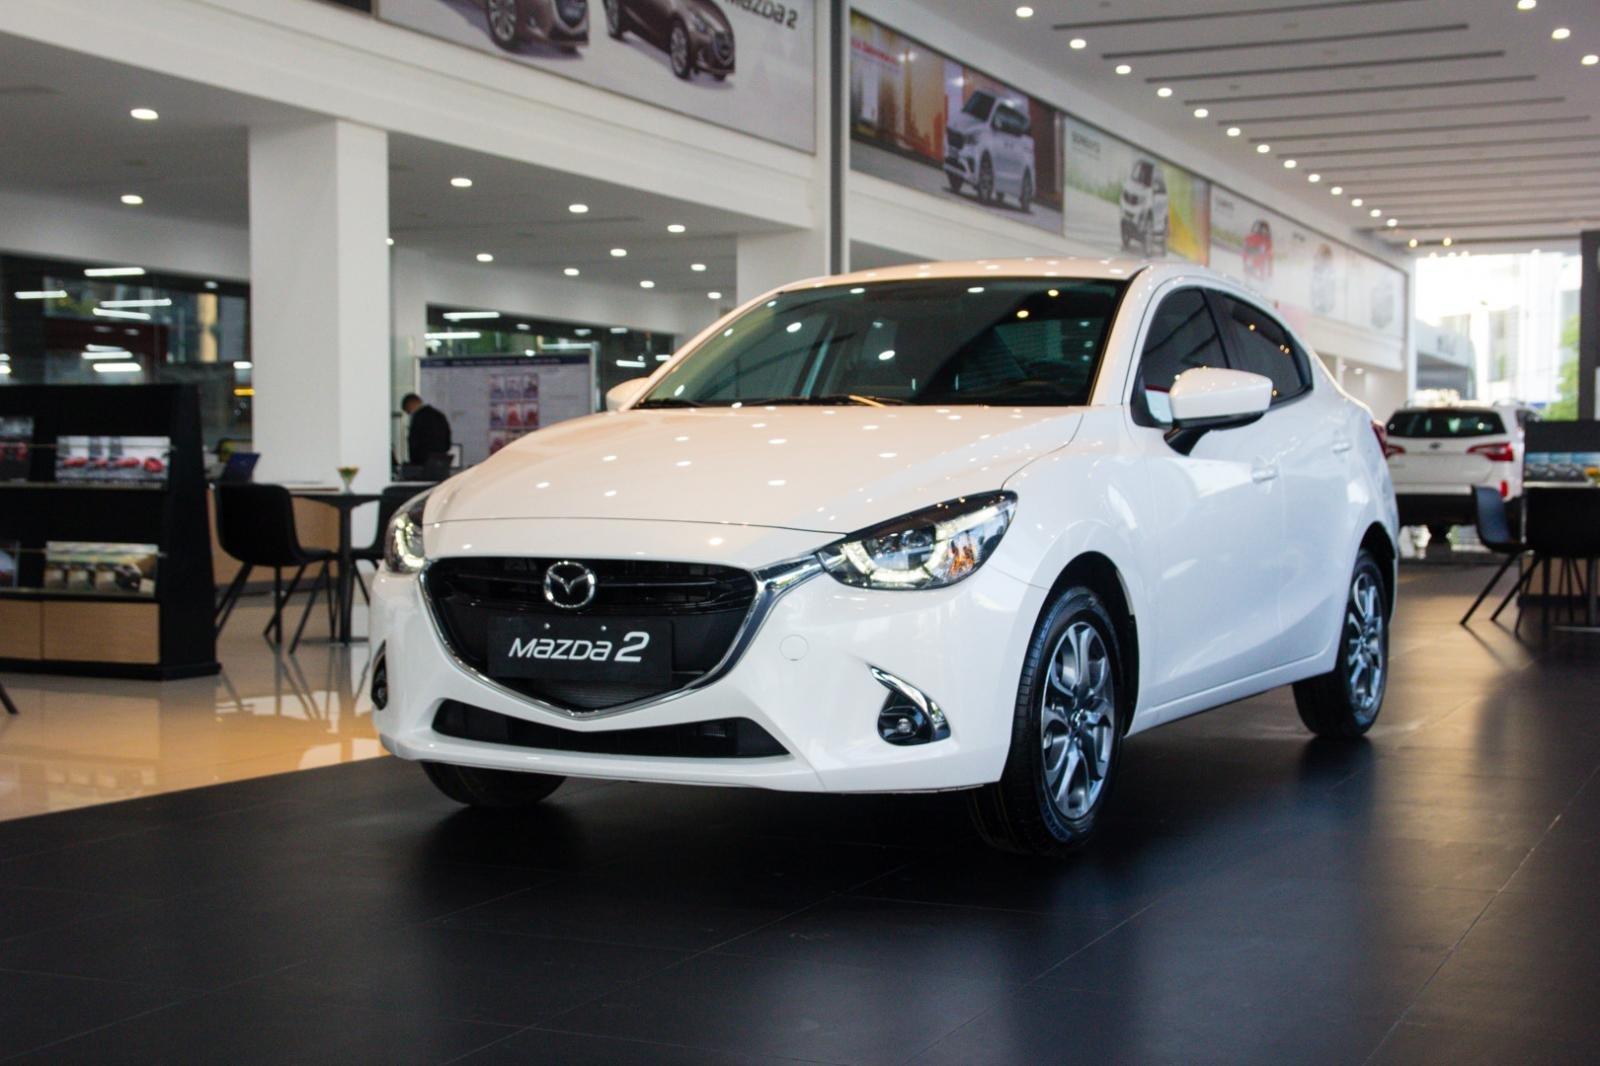 Giá lăn bánh xe Mazda 2 2019 vừa công bố tại Việt Nam a1